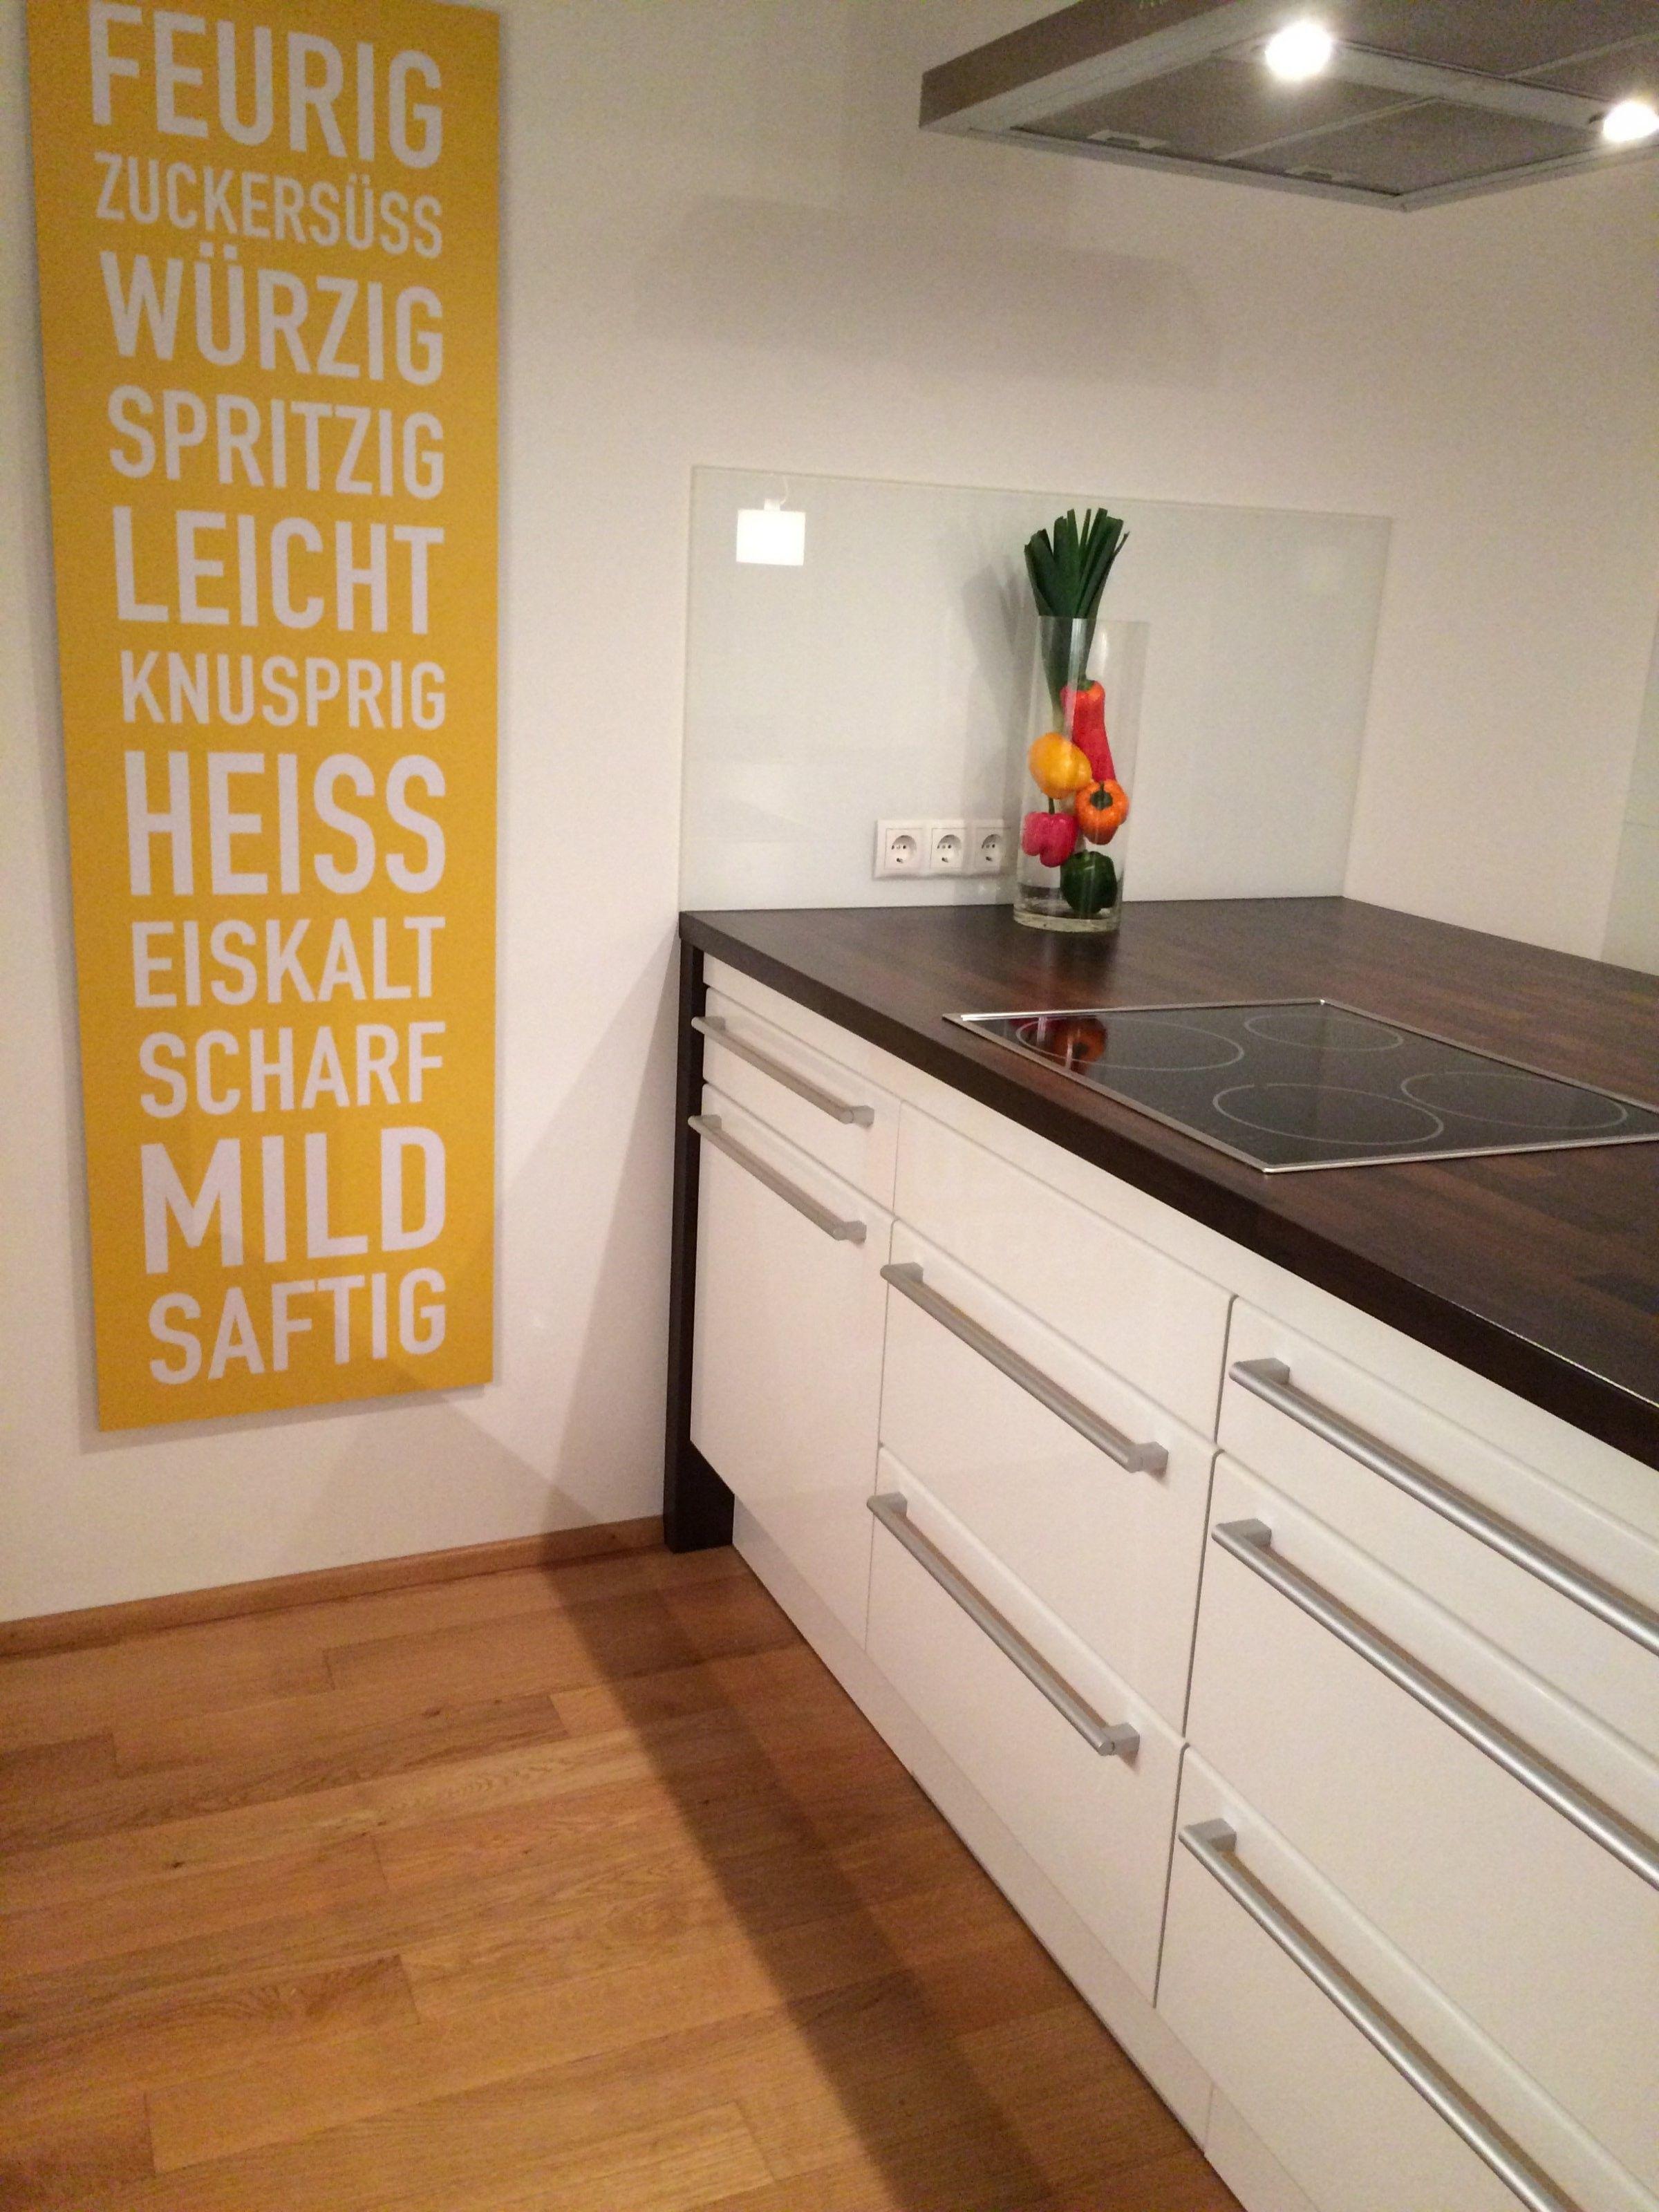 Nett Kücheninsel Zitat Galerie - Ideen Für Die Küche Dekoration ...